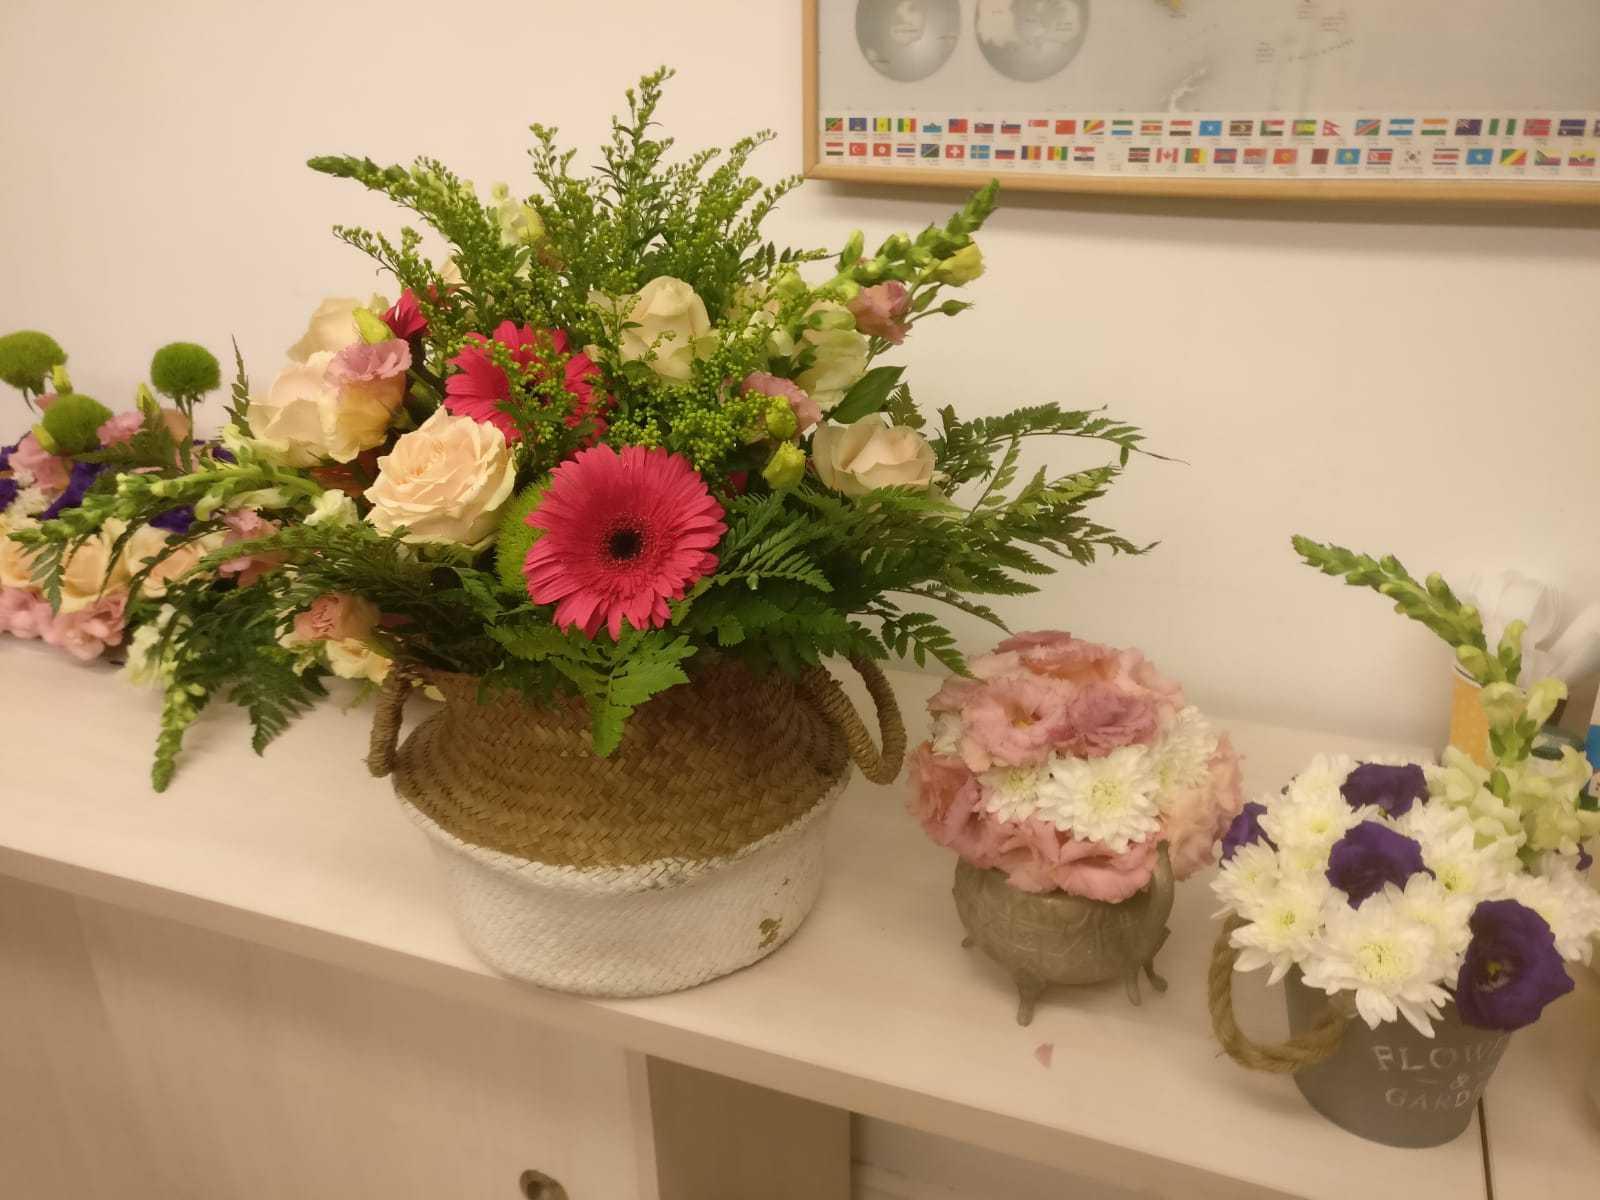 גלרייה - שיעור שזירת פרחים - קורס הפקת אירועים מחזור 23, 19 מתוך 32